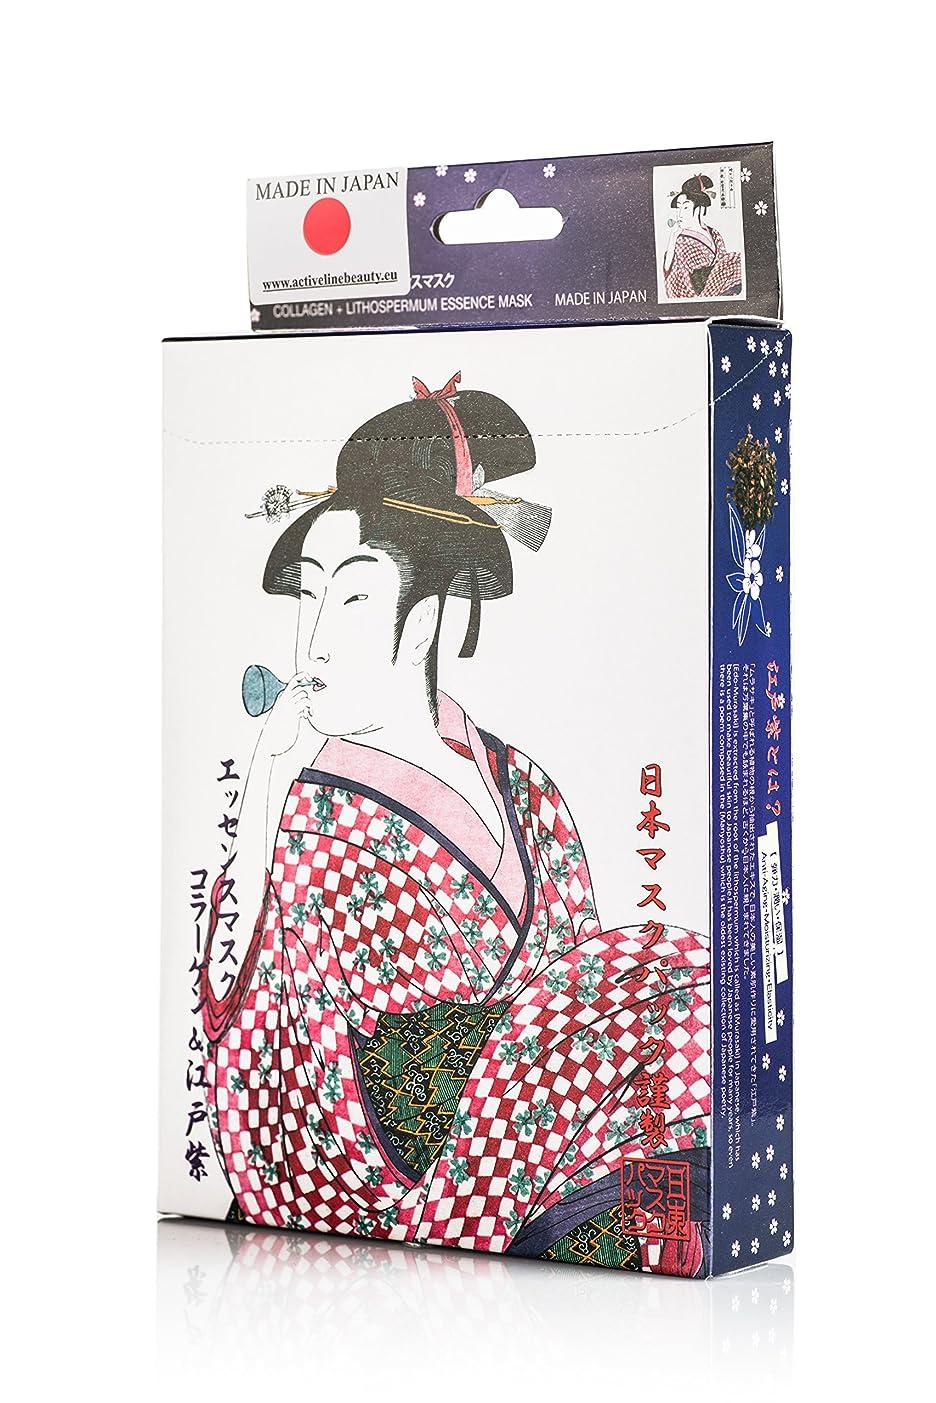 オーク普通の期待して浮世絵シリーズ 歌麿ライン エッセンスマスク コラーゲン+江戸紫 (10枚入)